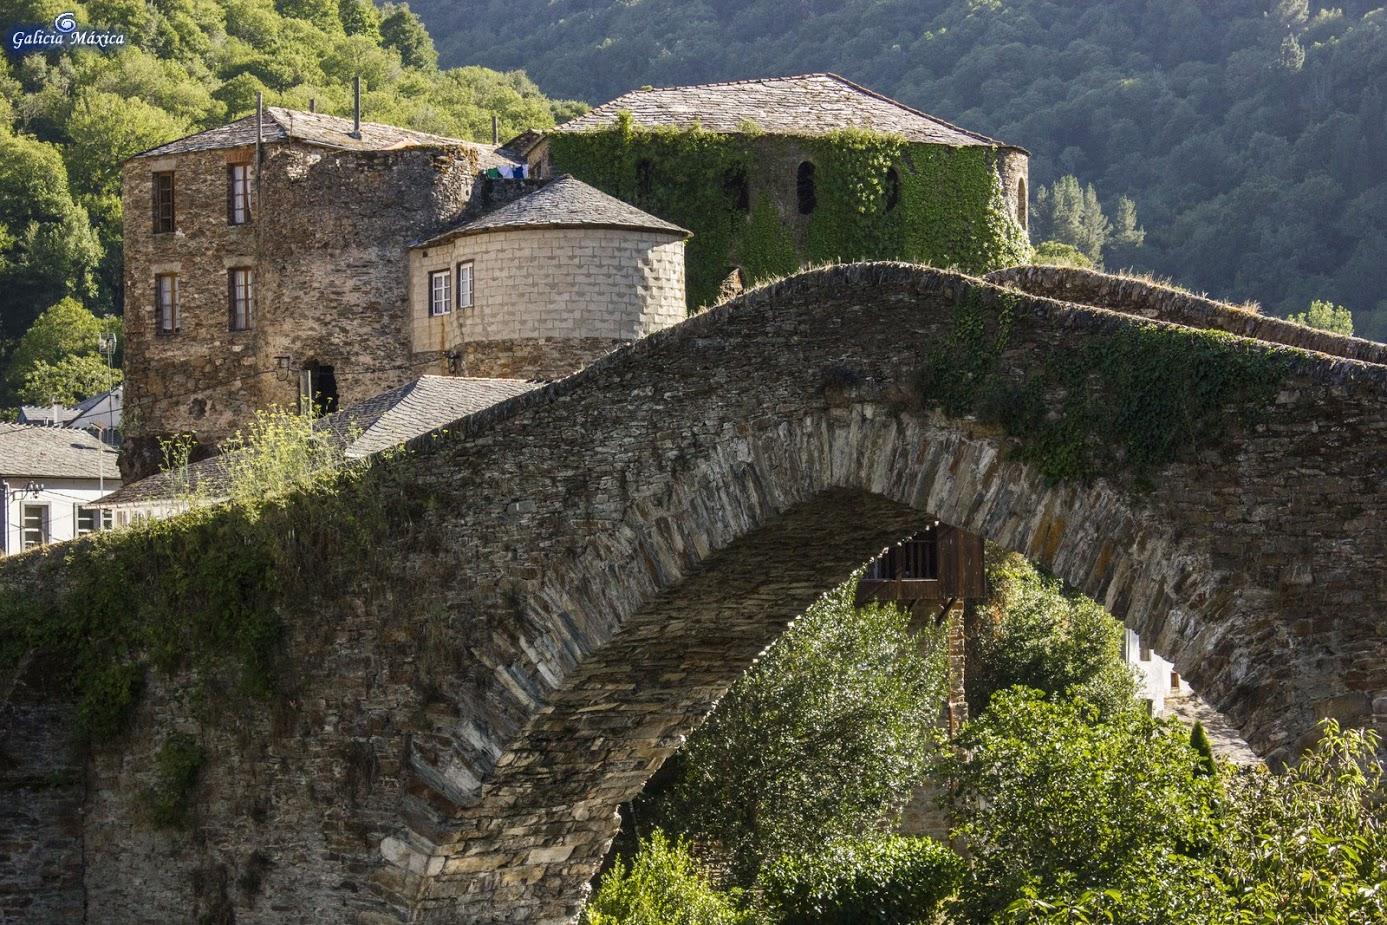 Puente y castillo de Navia de Suarna